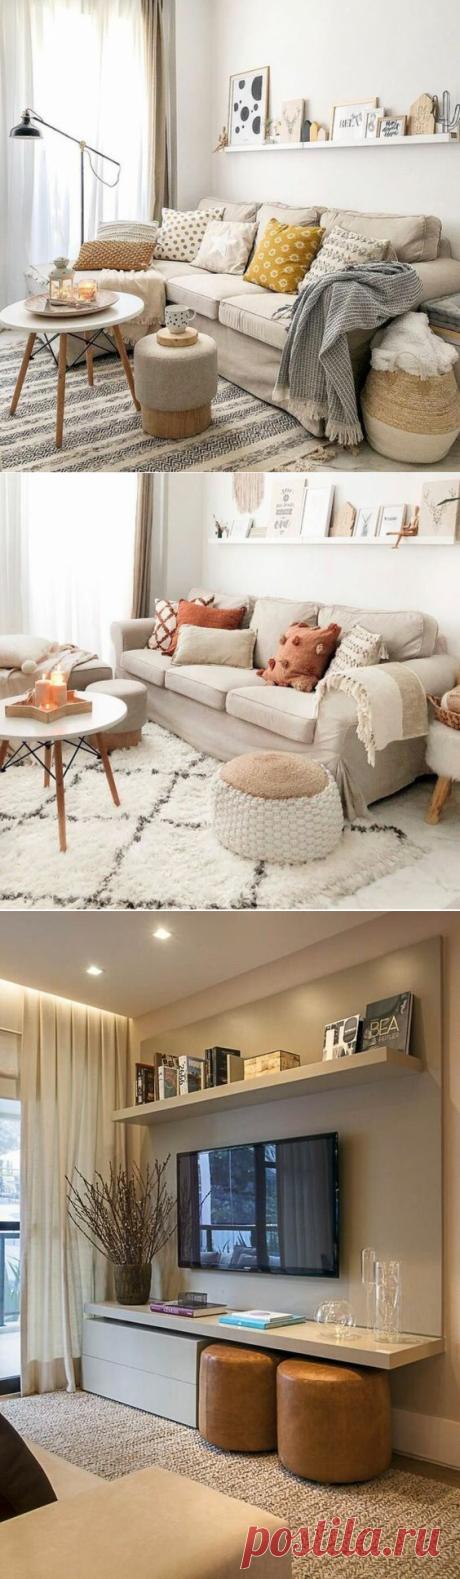 Интерьер гостиной малой площади. 13 особенностей оснащения и декора (+эл. книга) | Дизайн интерьера и обустройство | Яндекс Дзен